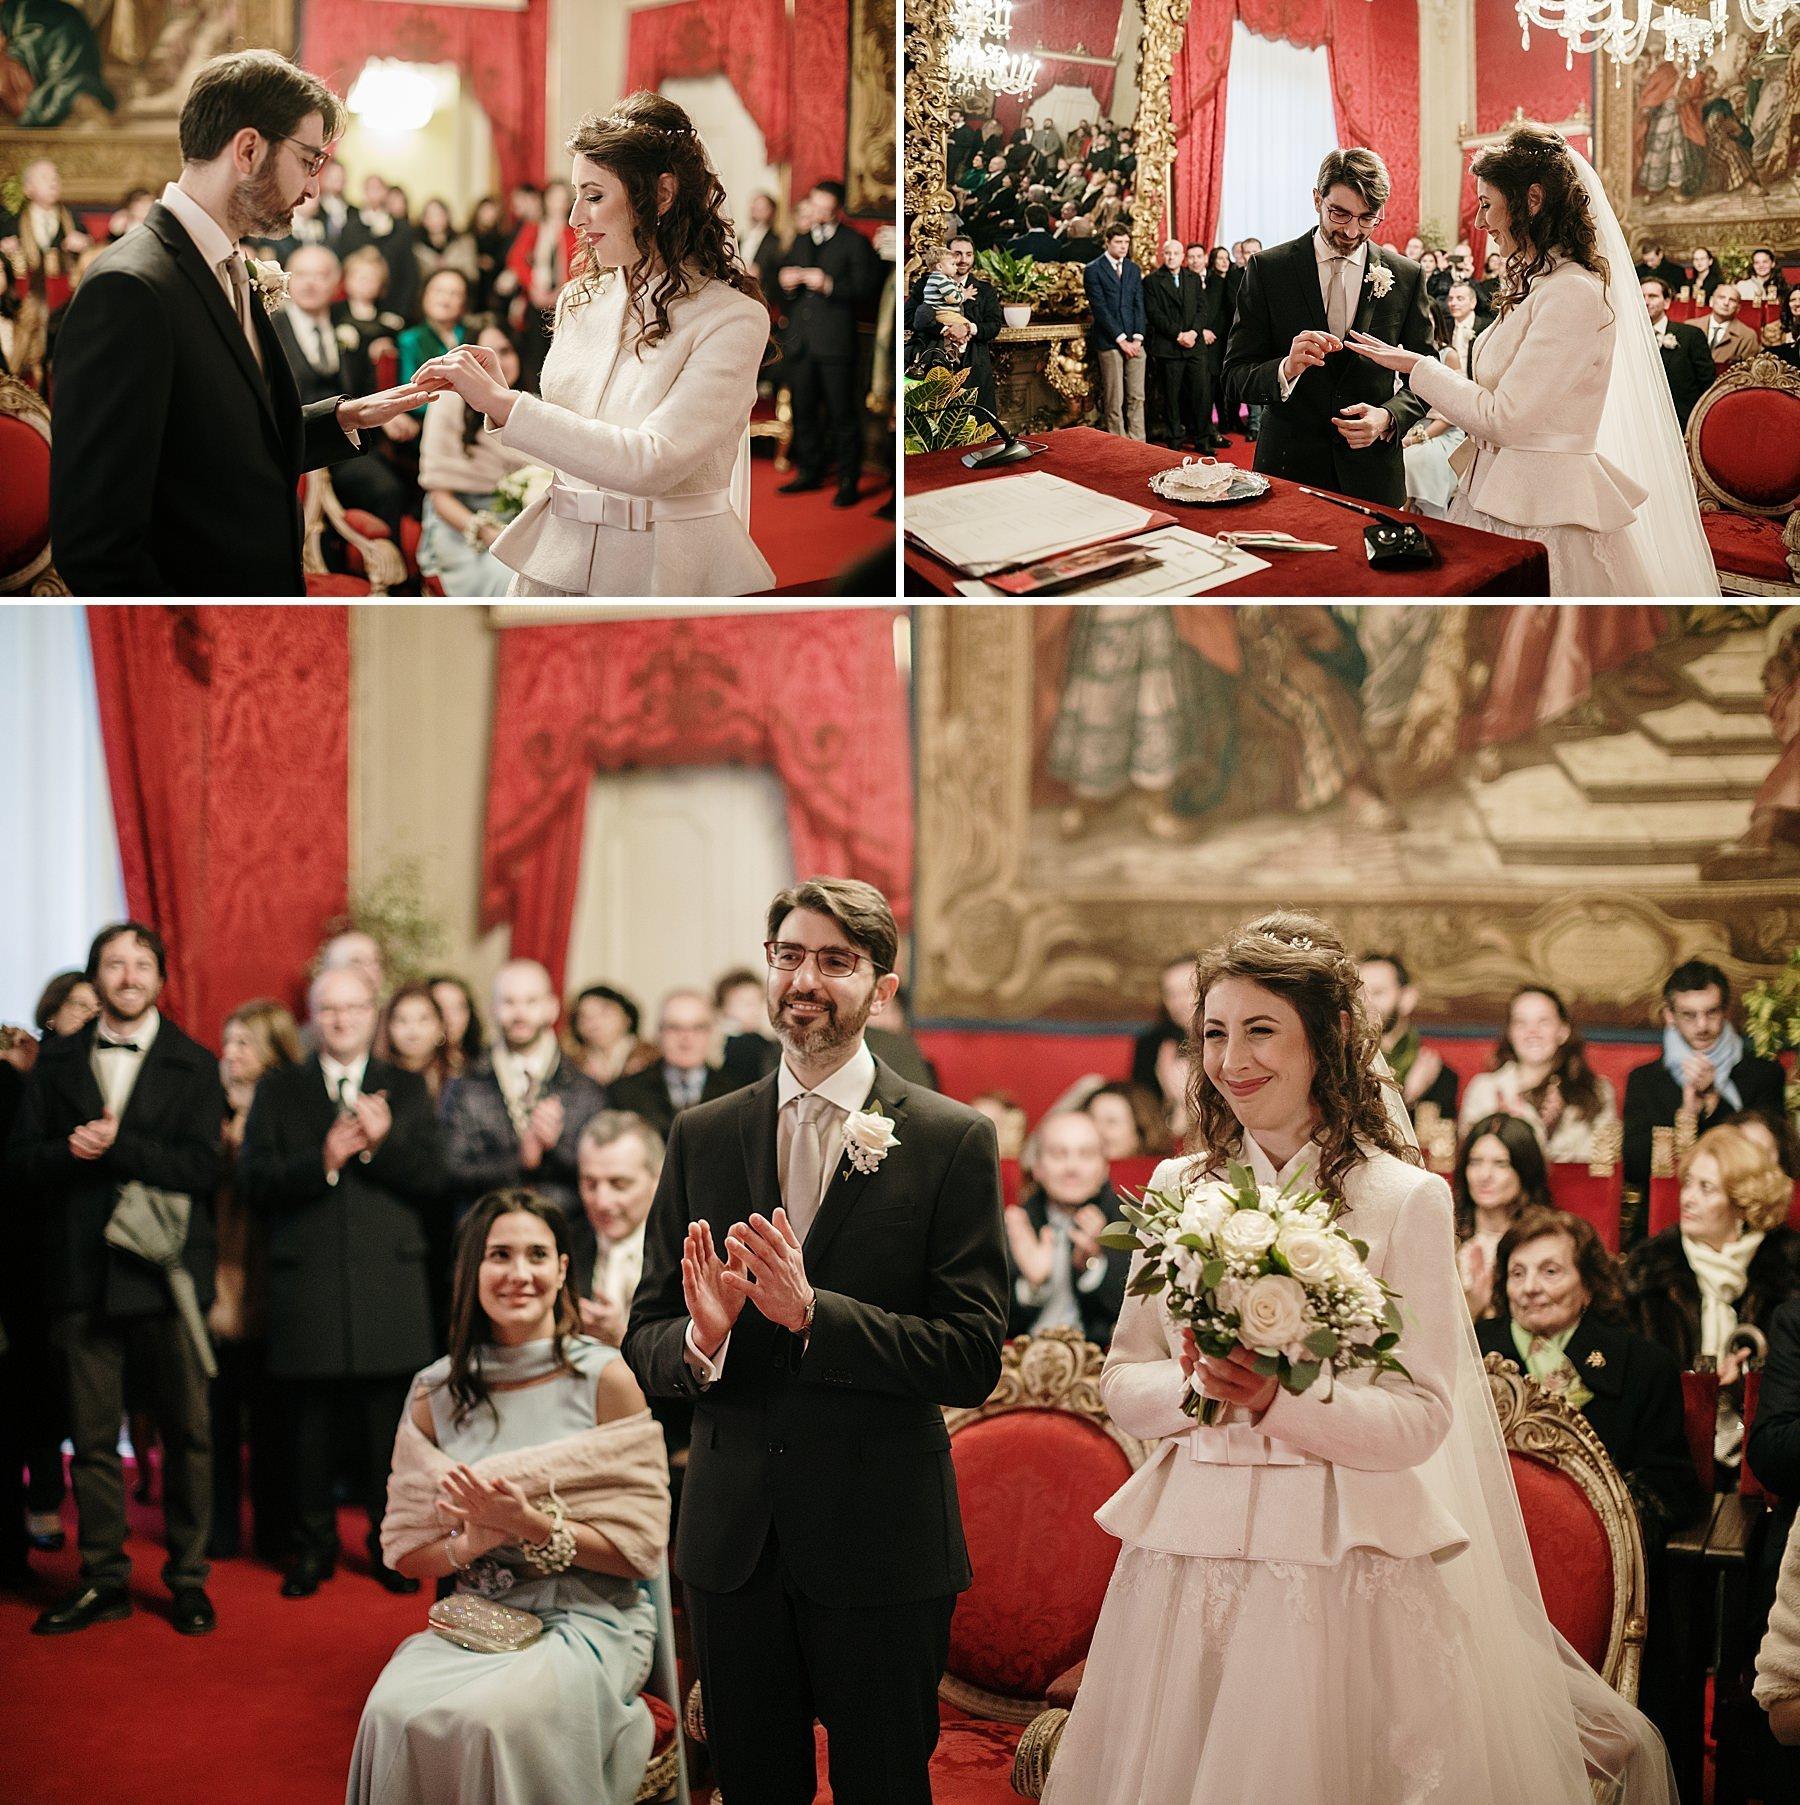 fotografia di matrimonio a firenze in inverno 751